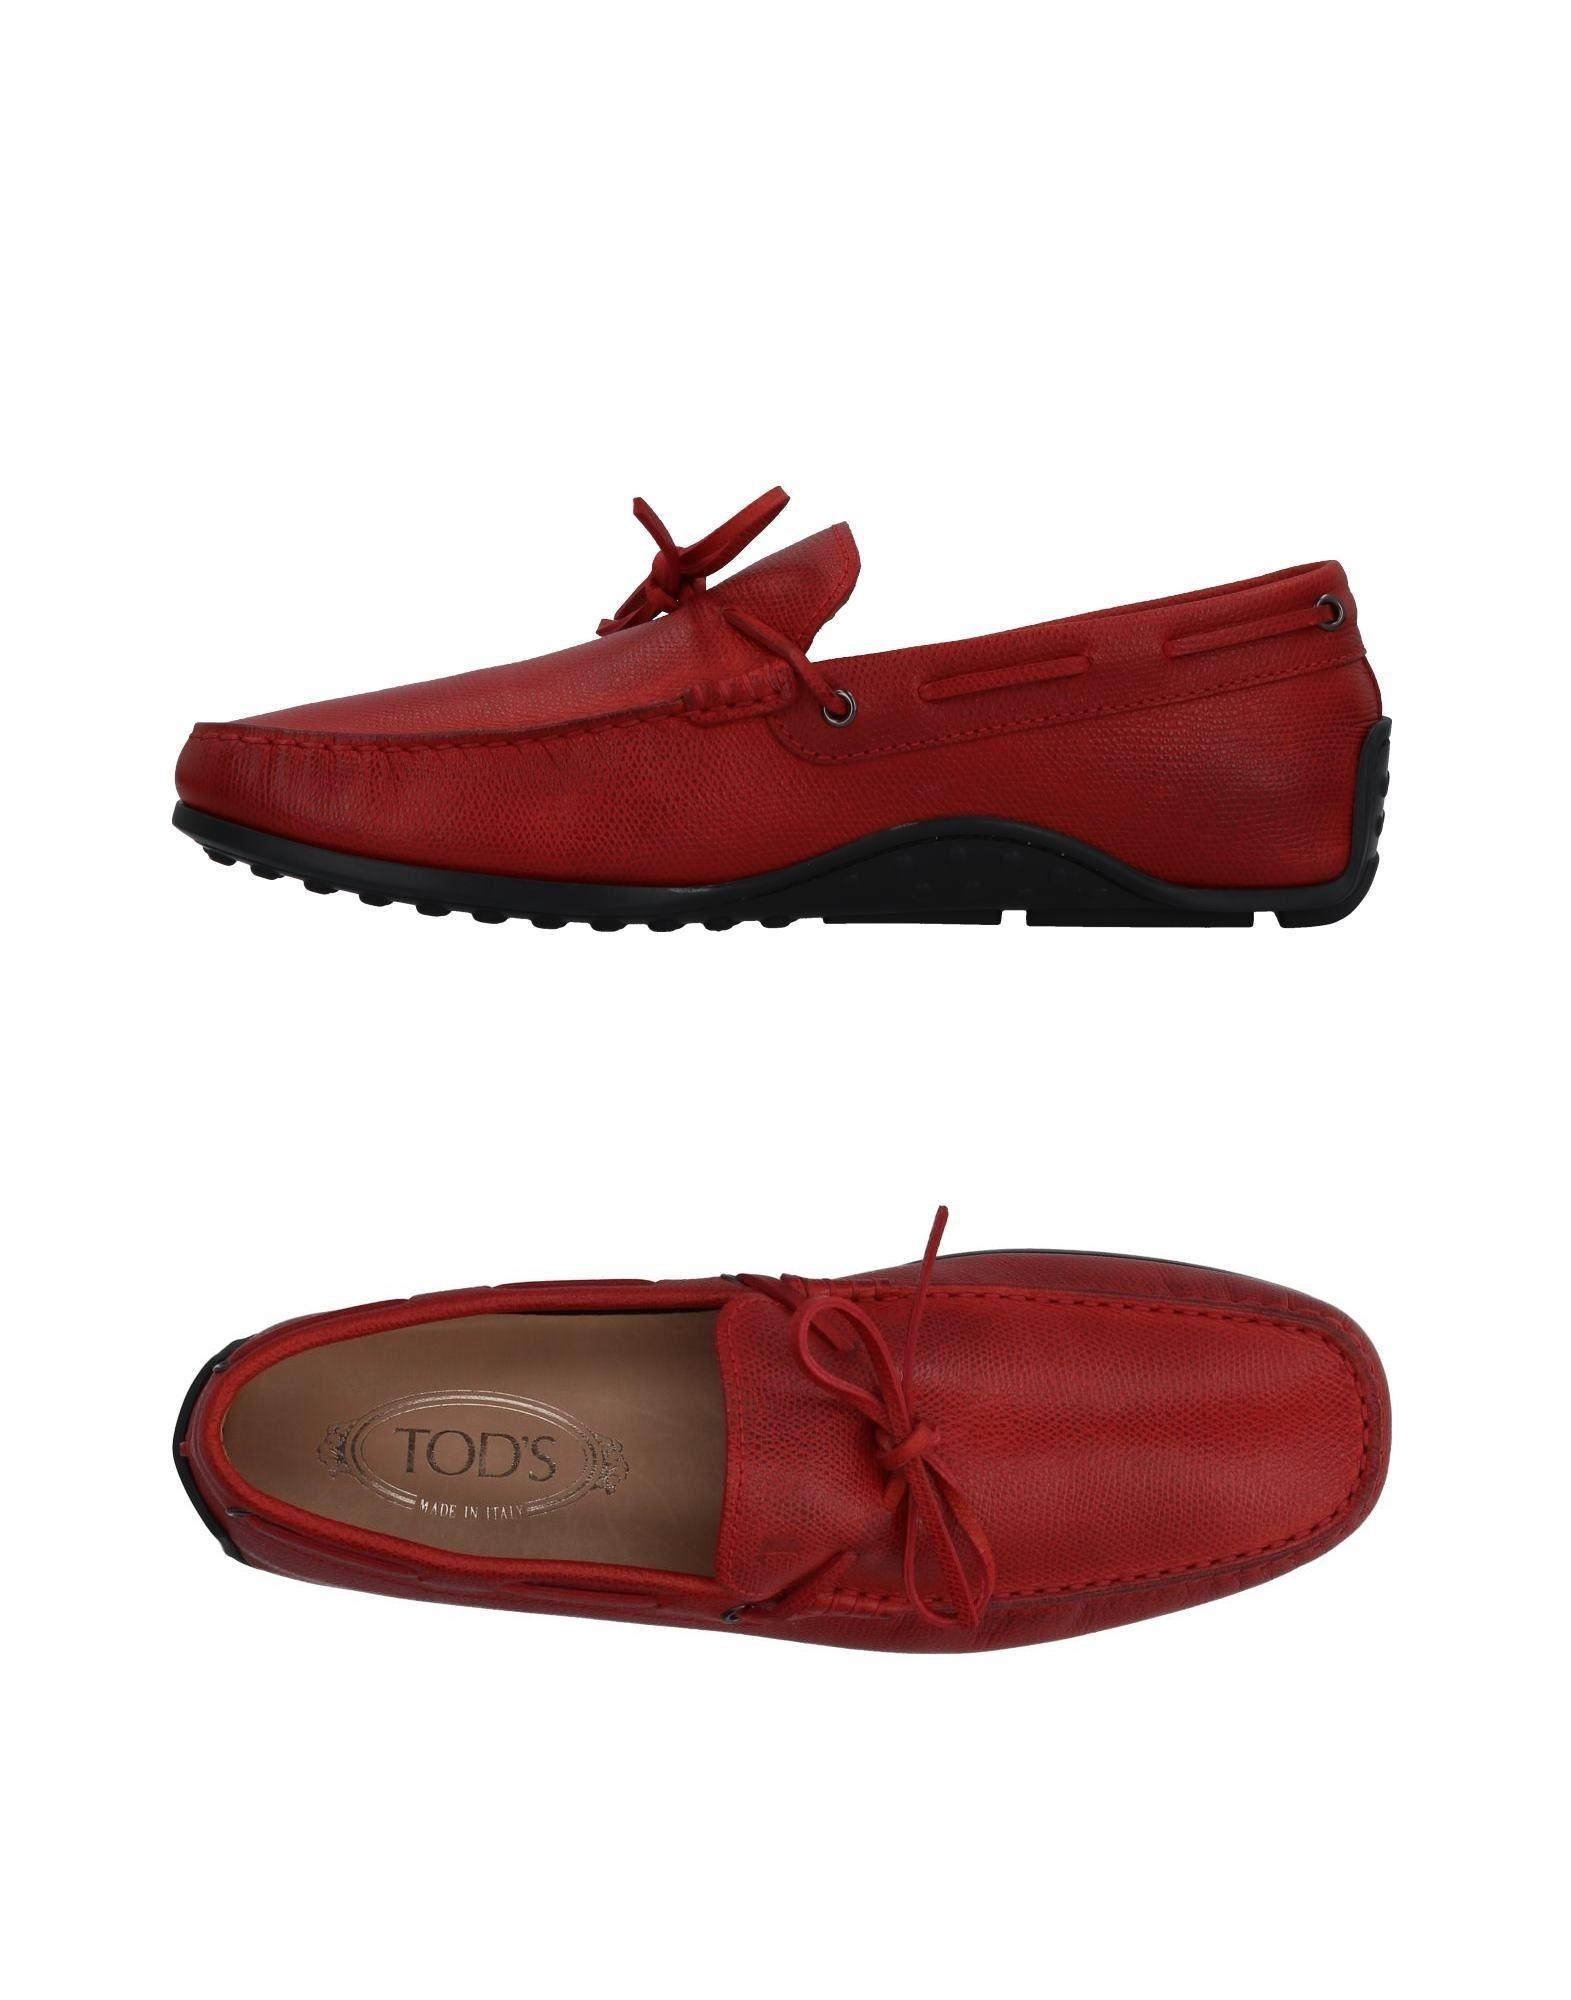 Tod's Mokassins Herren  11397275LI Gute Qualität beliebte Schuhe